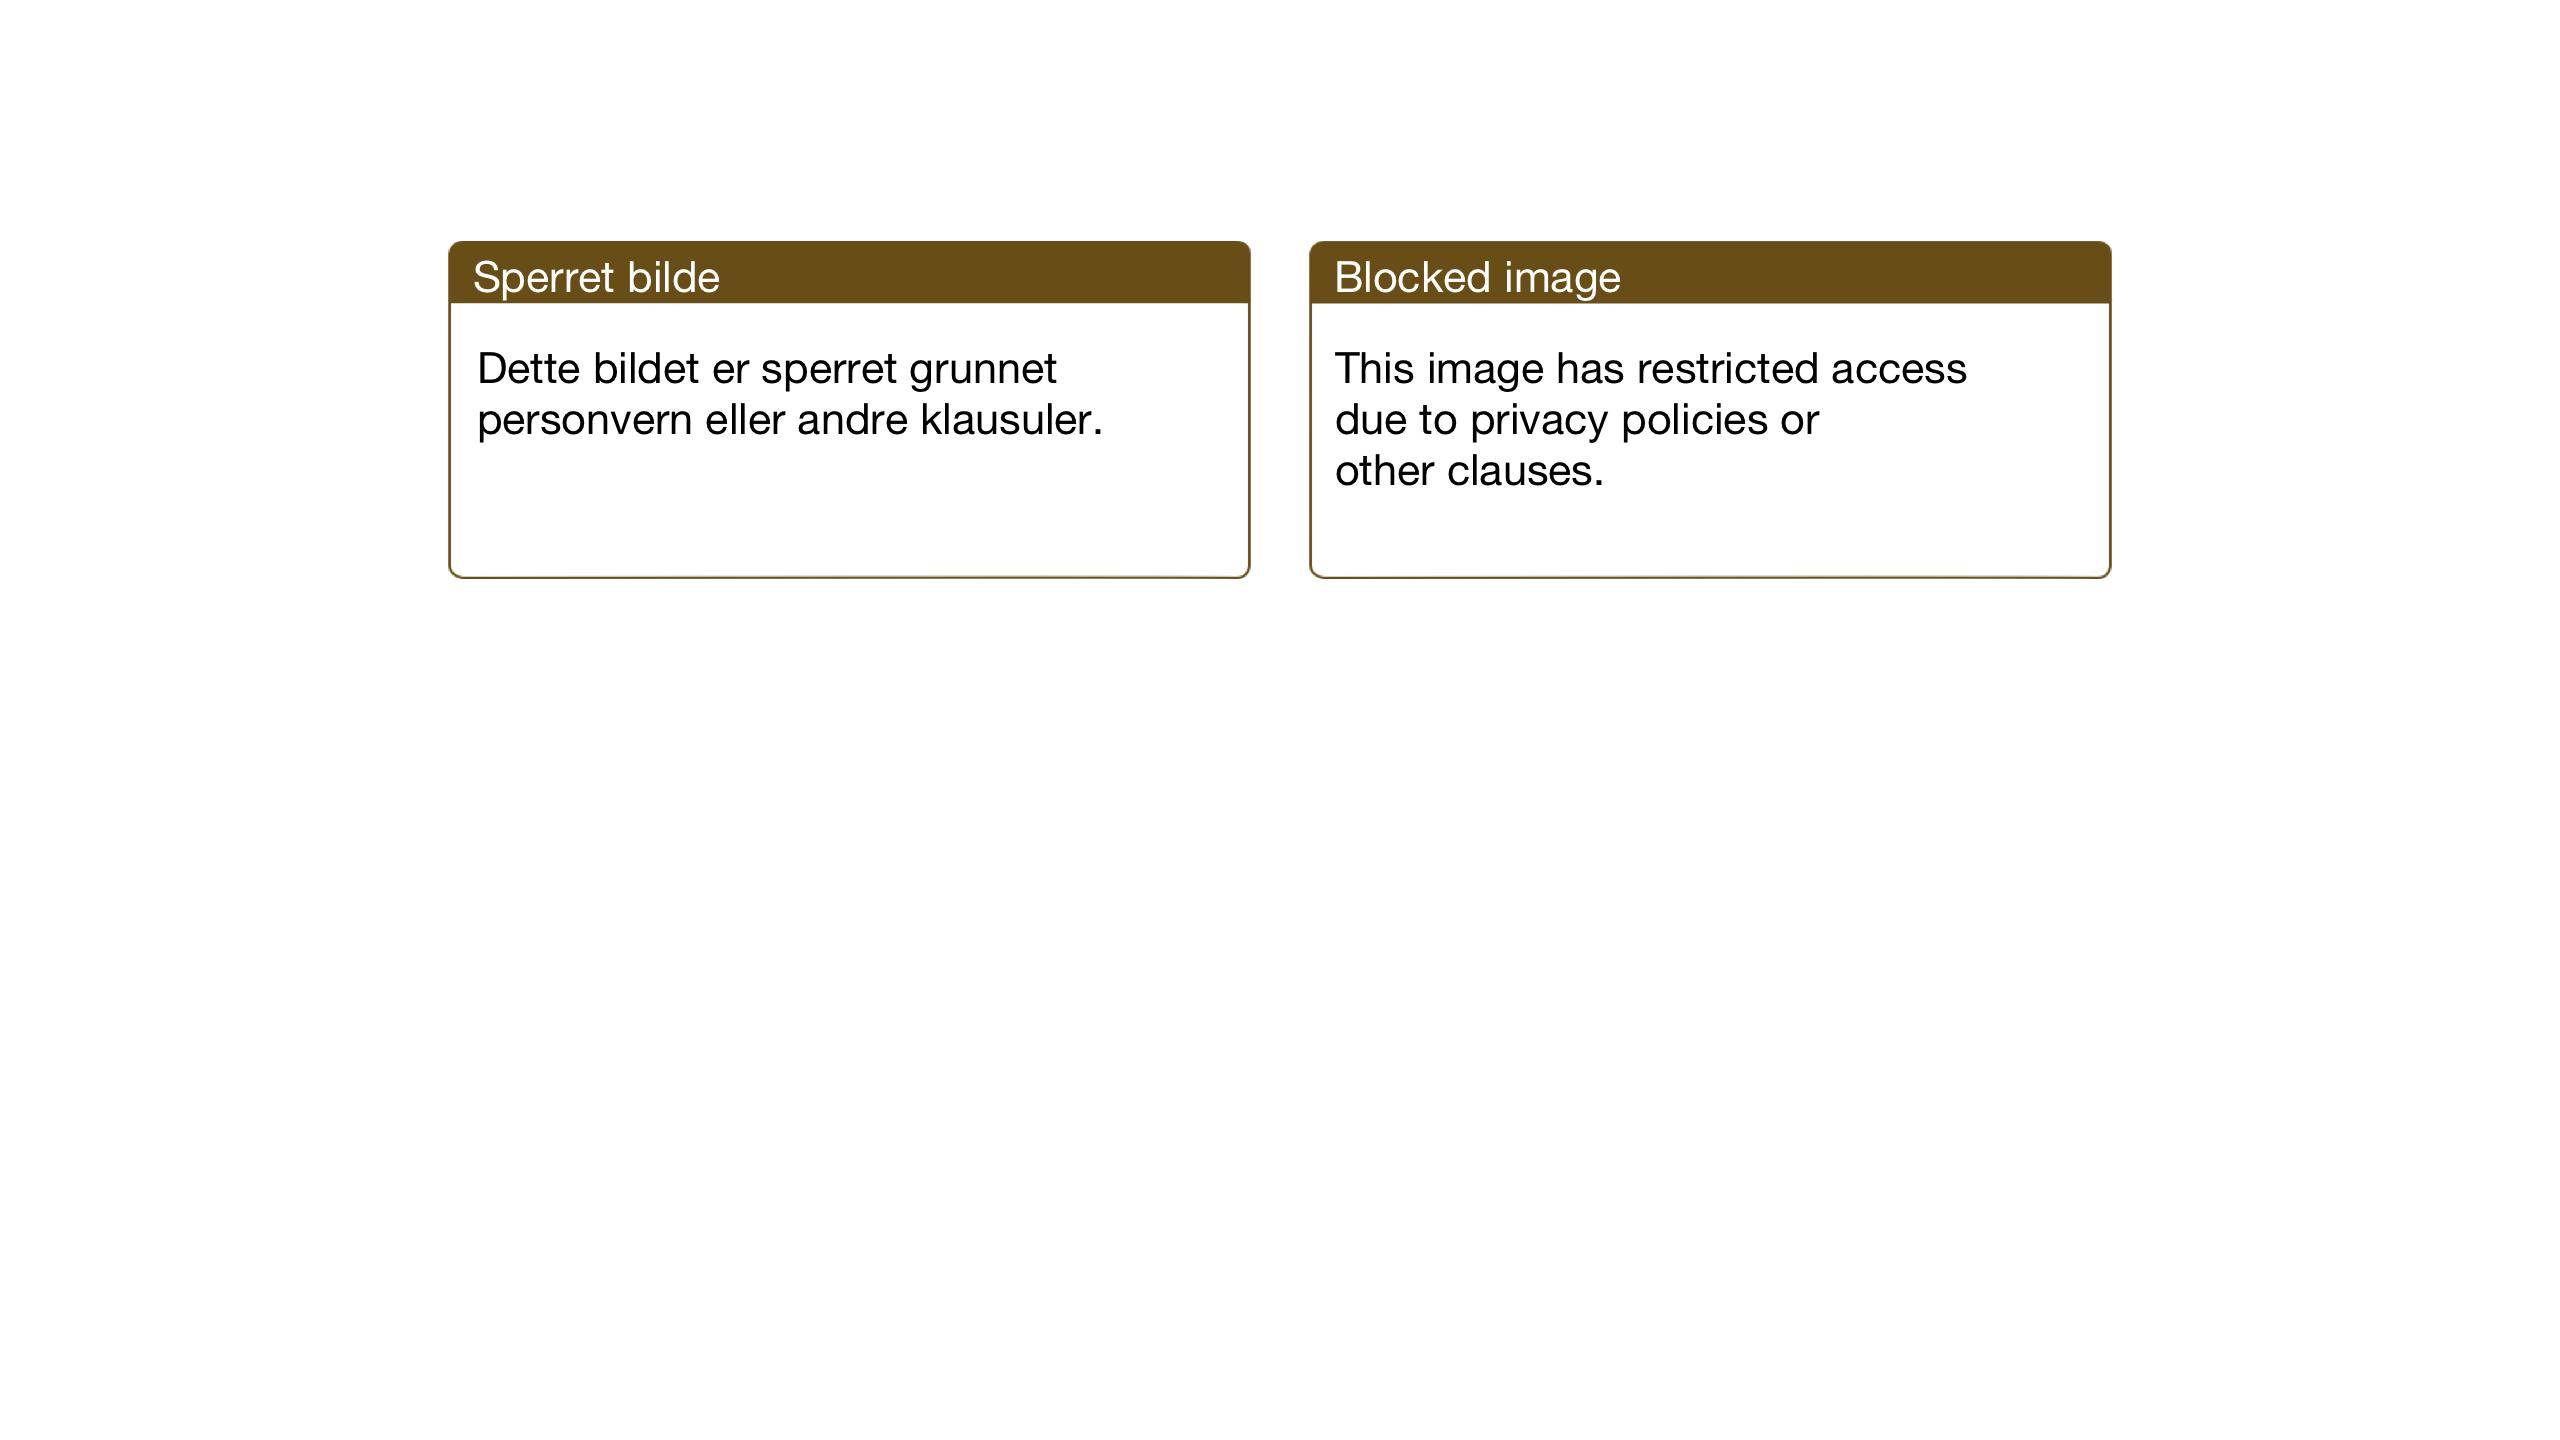 SAT, Ministerialprotokoller, klokkerbøker og fødselsregistre - Nord-Trøndelag, 710/L0097: Klokkerbok nr. 710C02, 1925-1955, s. 60